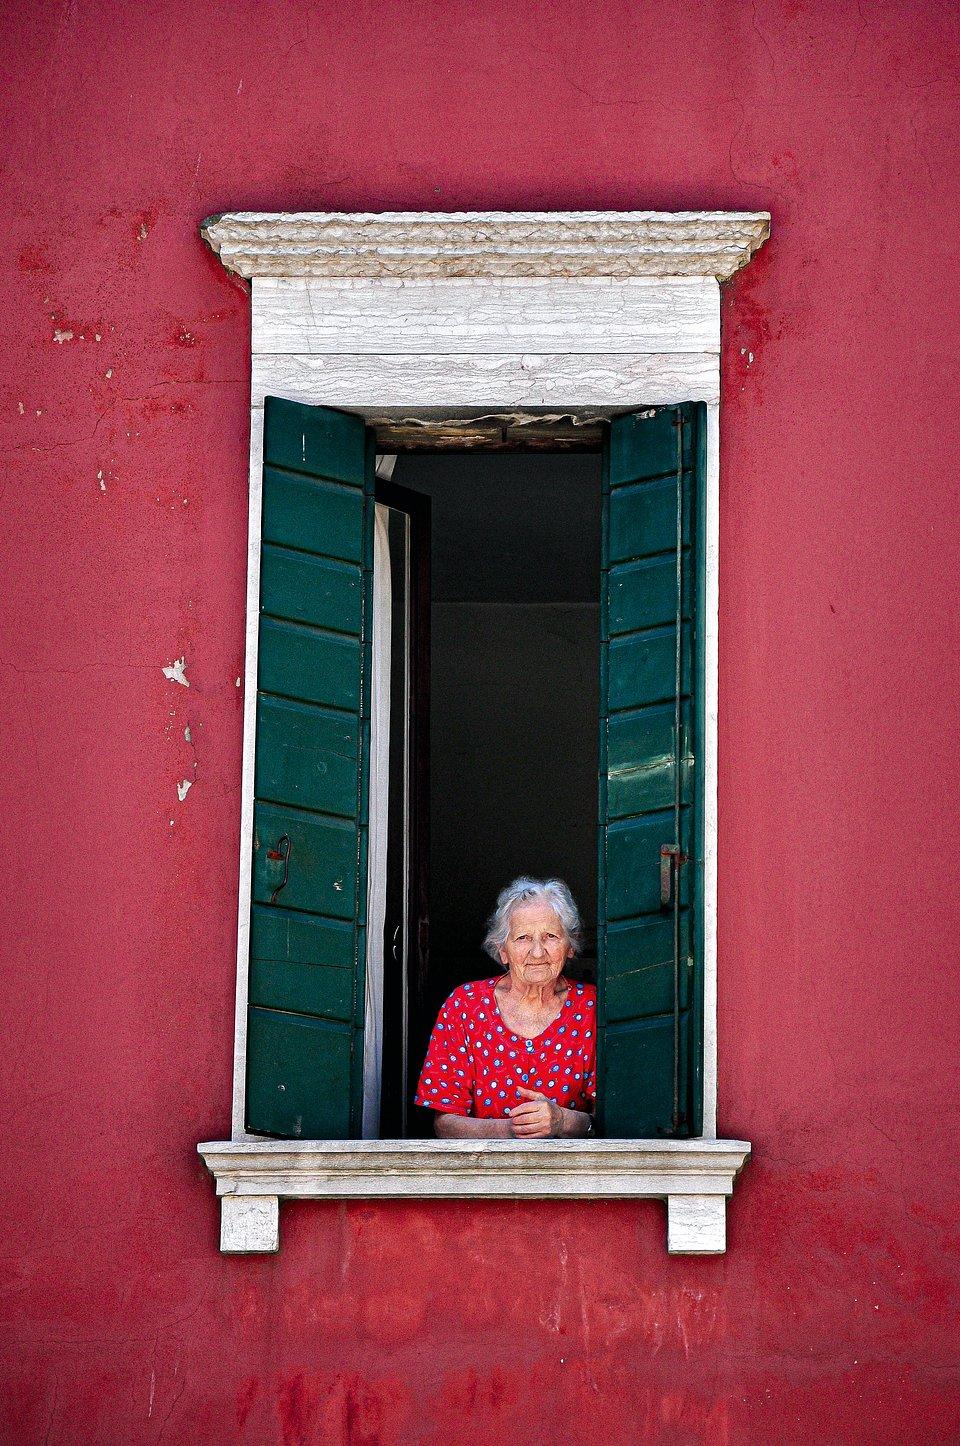 Location: Venice, Italy